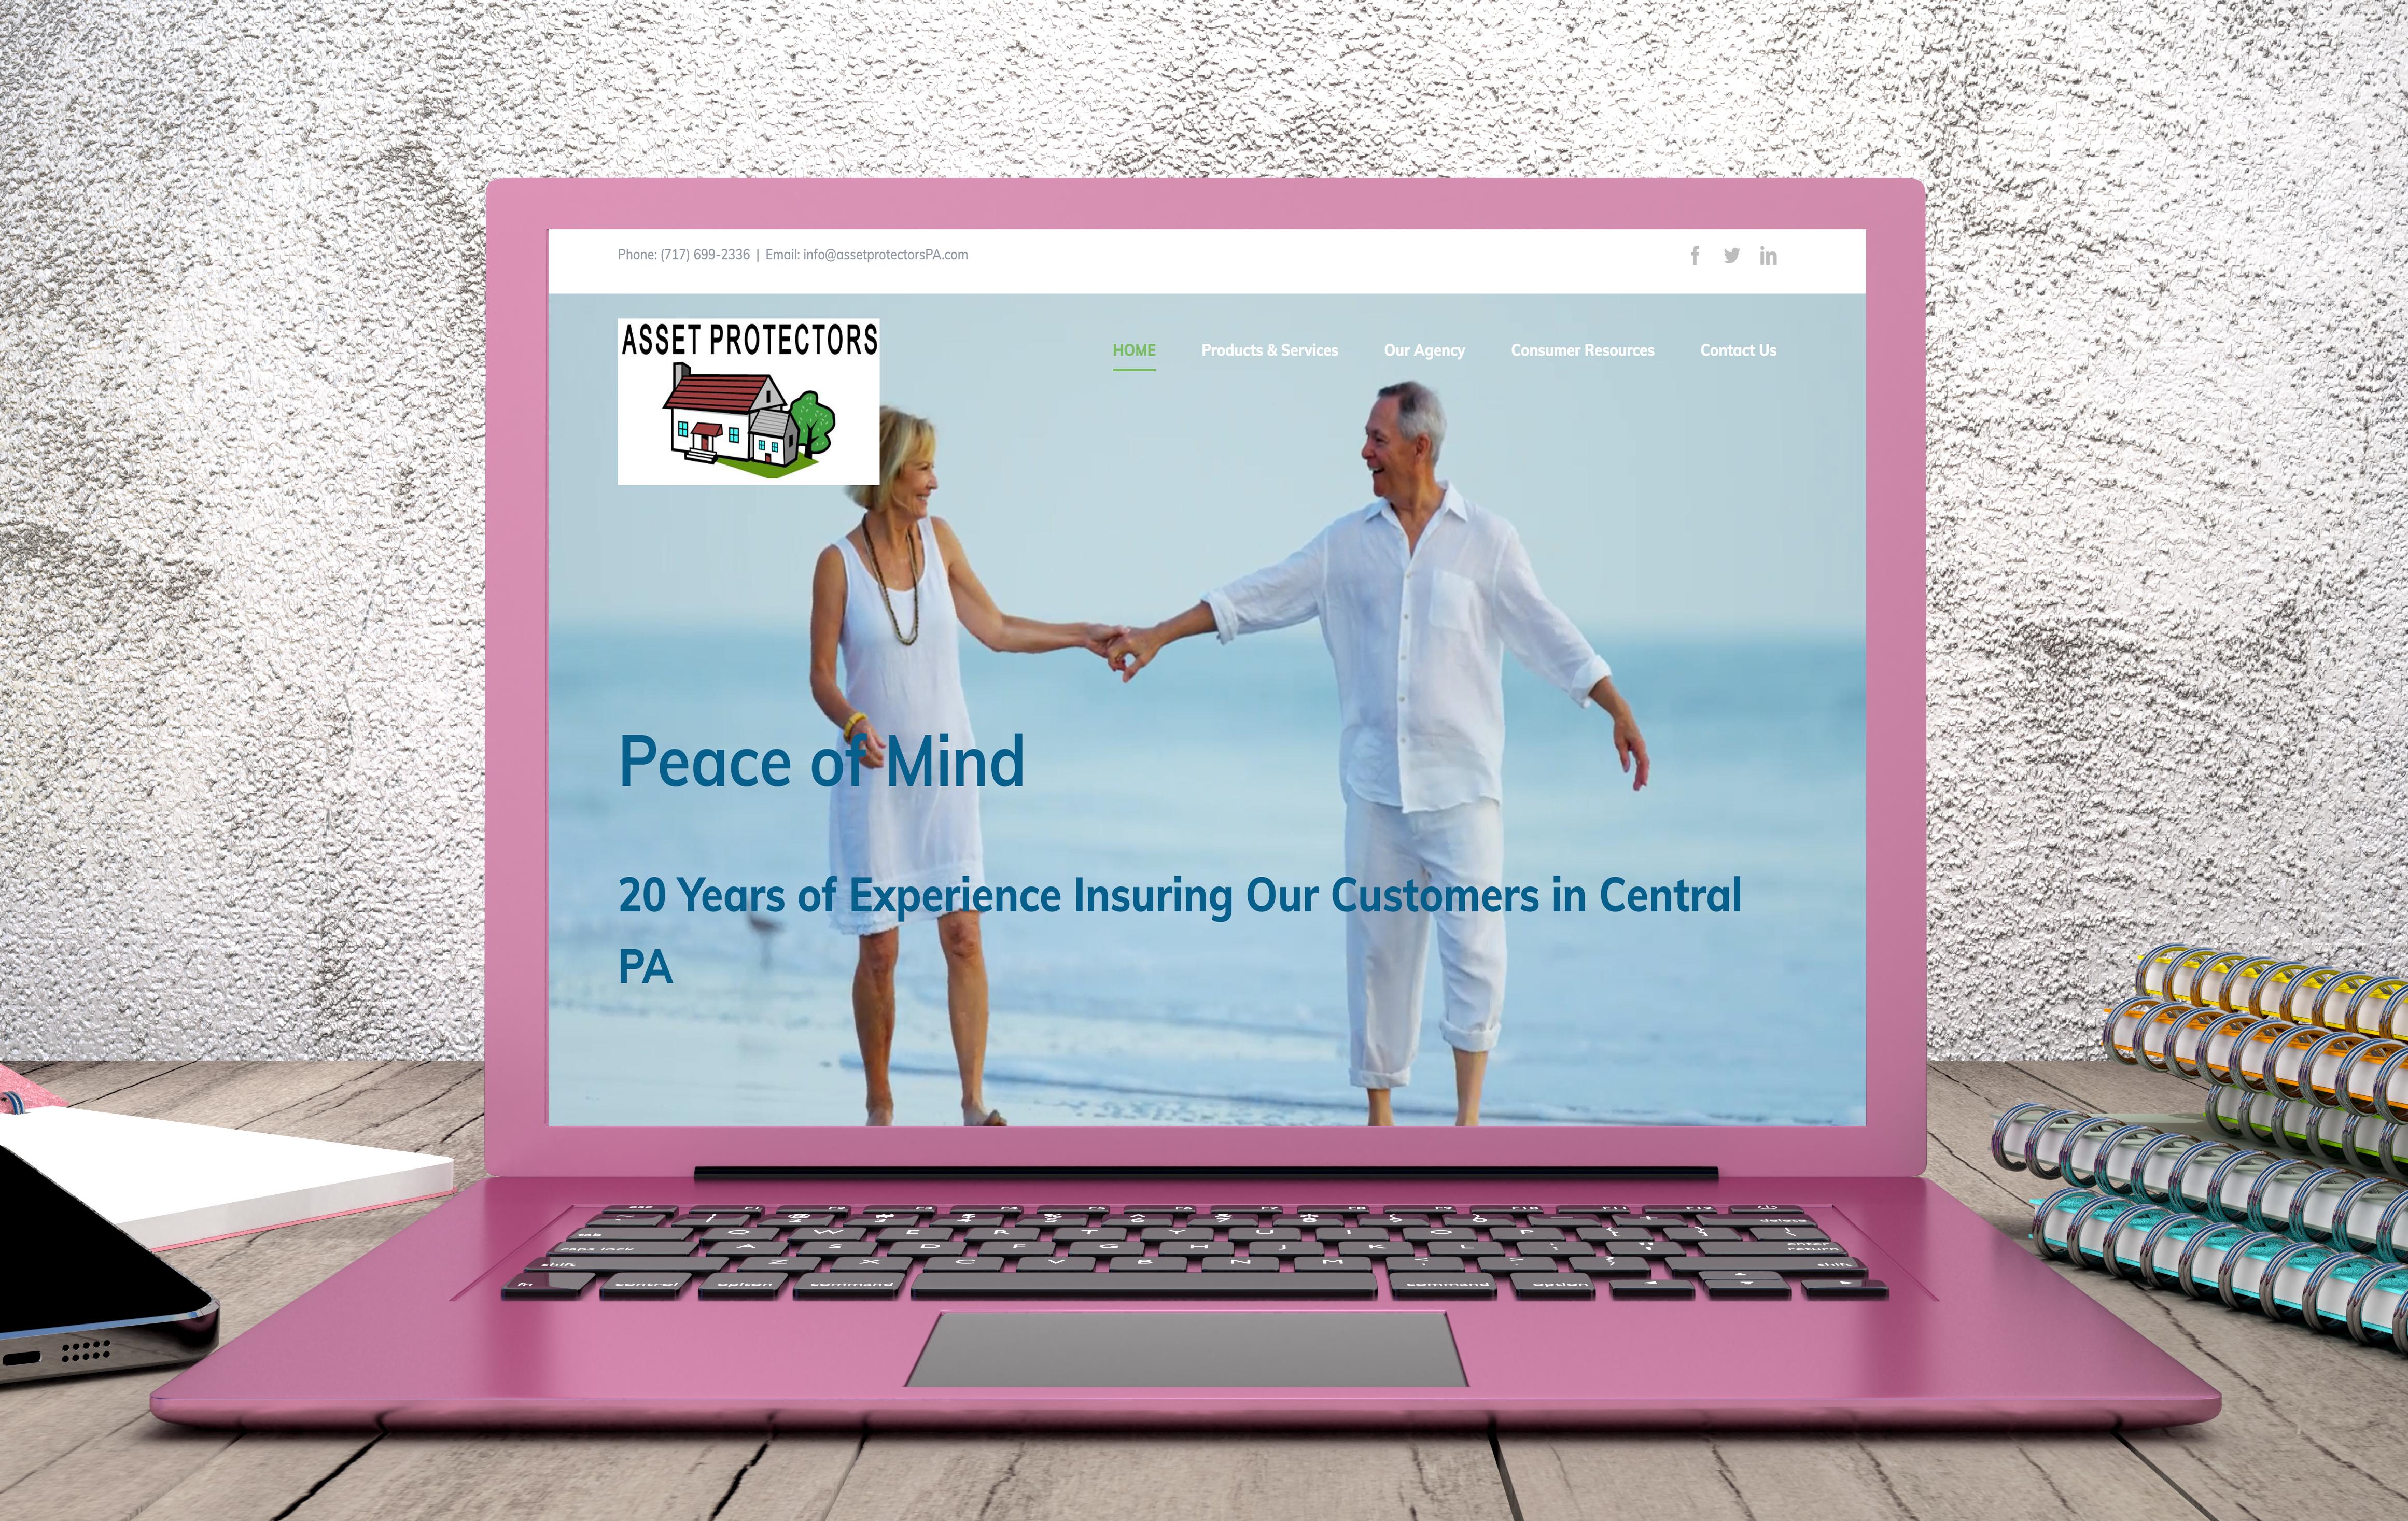 assetprotectorspa.com